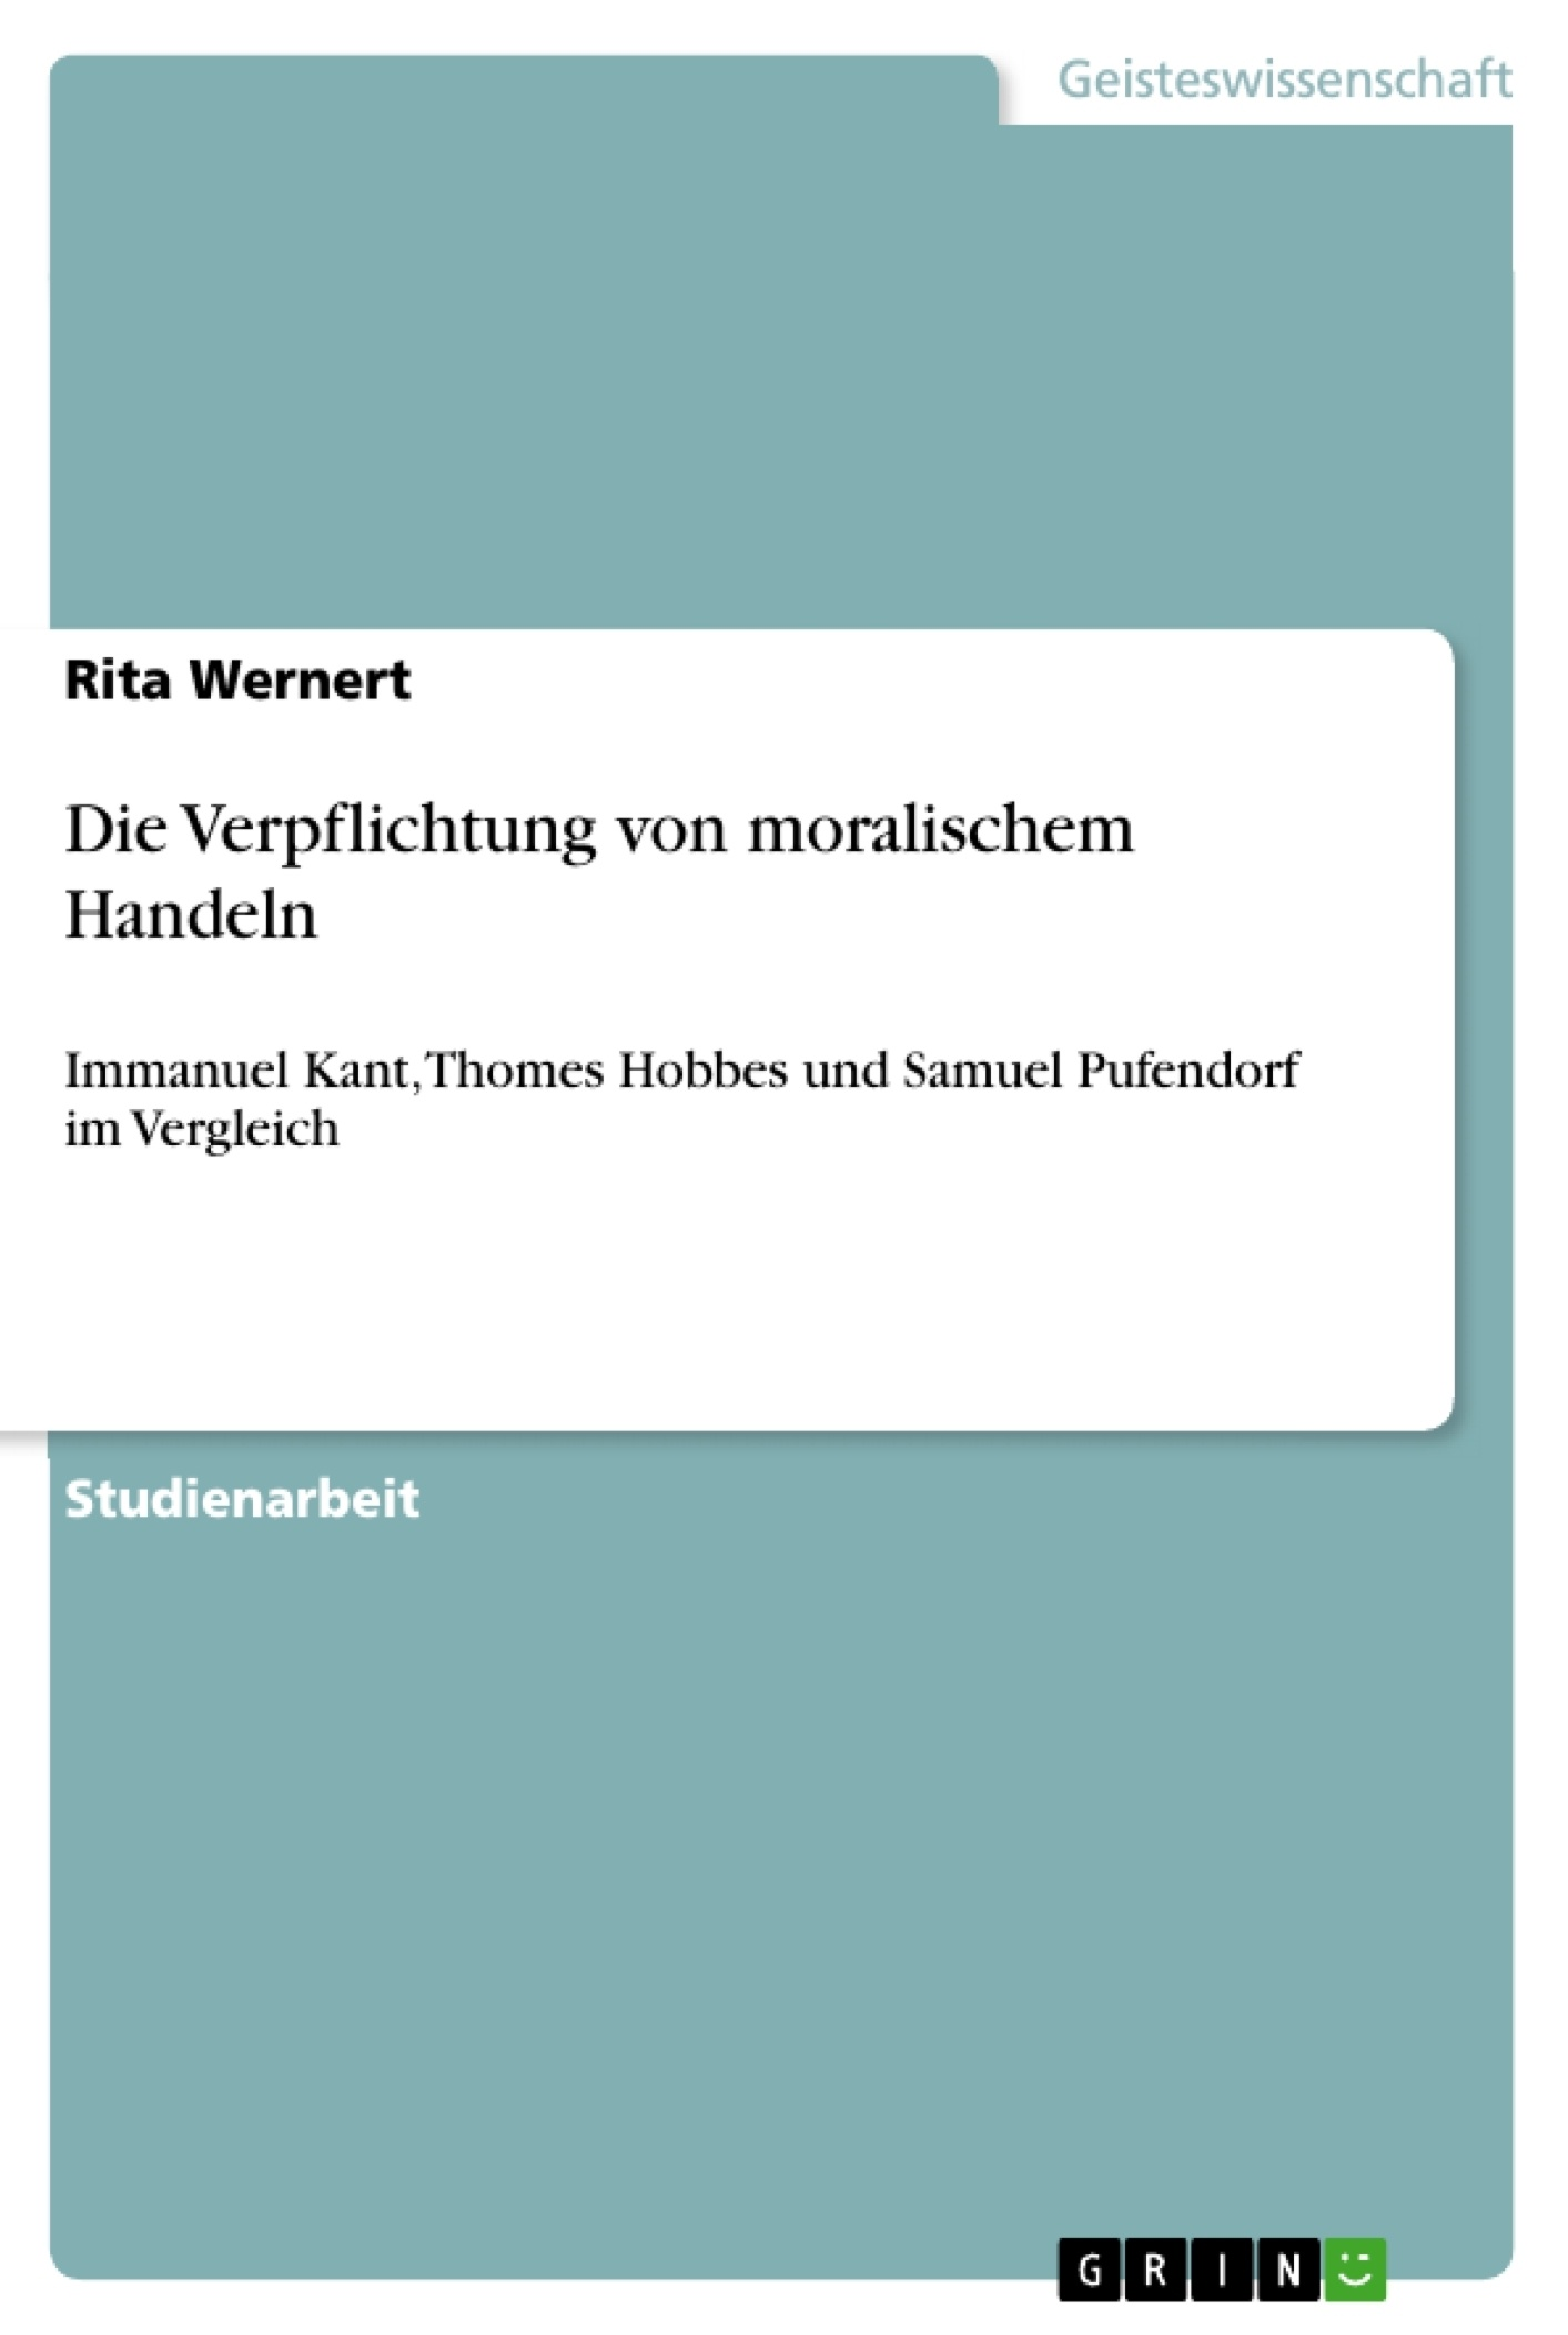 Titel: Die Verpflichtung von moralischem Handeln